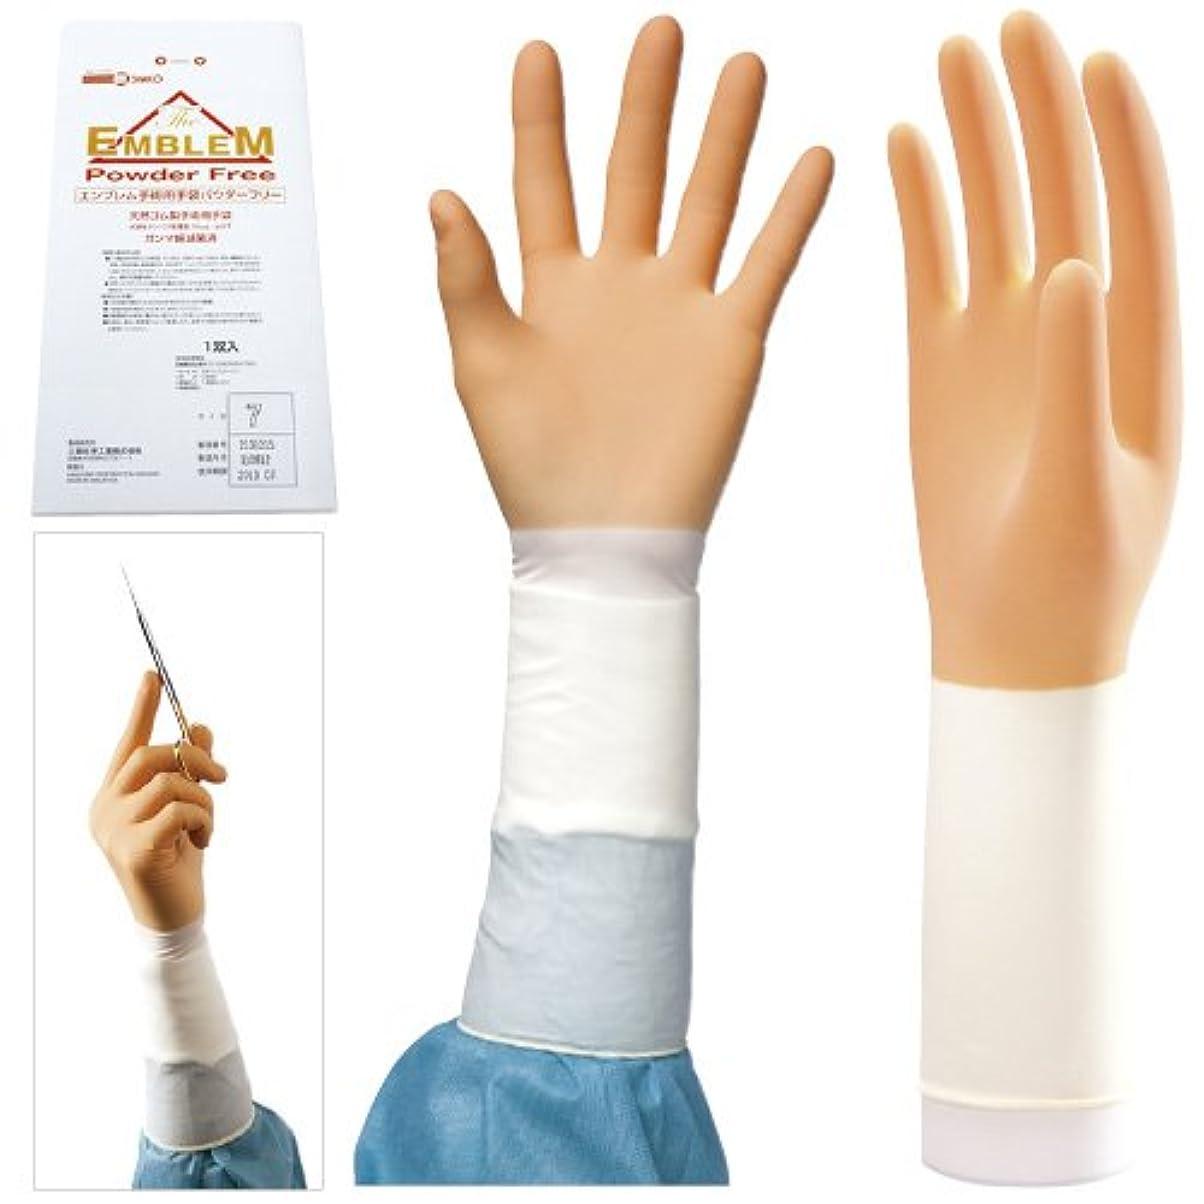 動揺させる日食暗殺エンブレム手術用手袋 パウダーフリー NEW(20双入) 5